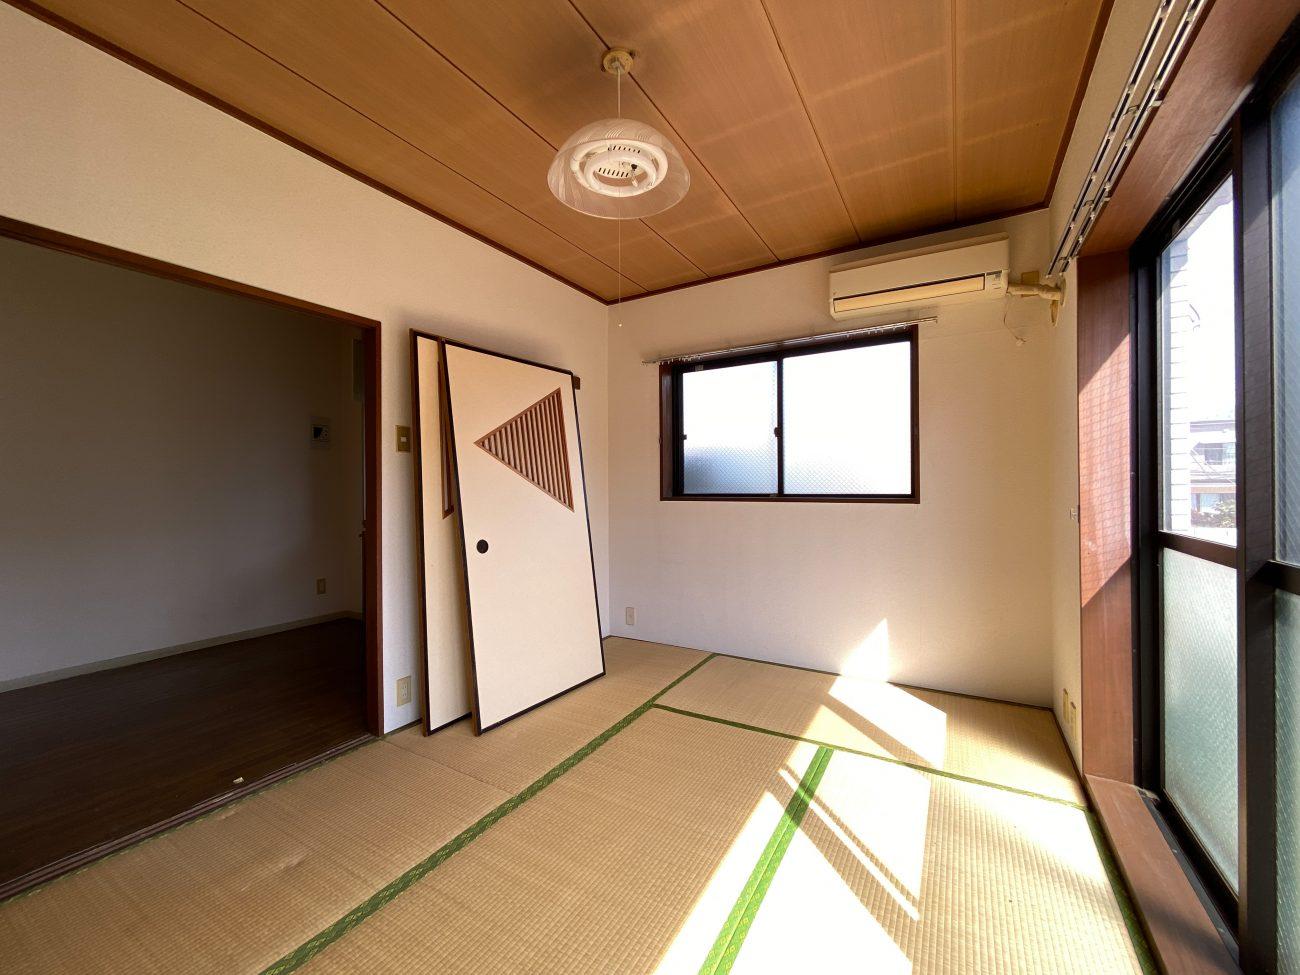 都立大学 築33年 RC 43㎡ 天井躯体表し+カウンターキッチンで完成前に入居確定の画像